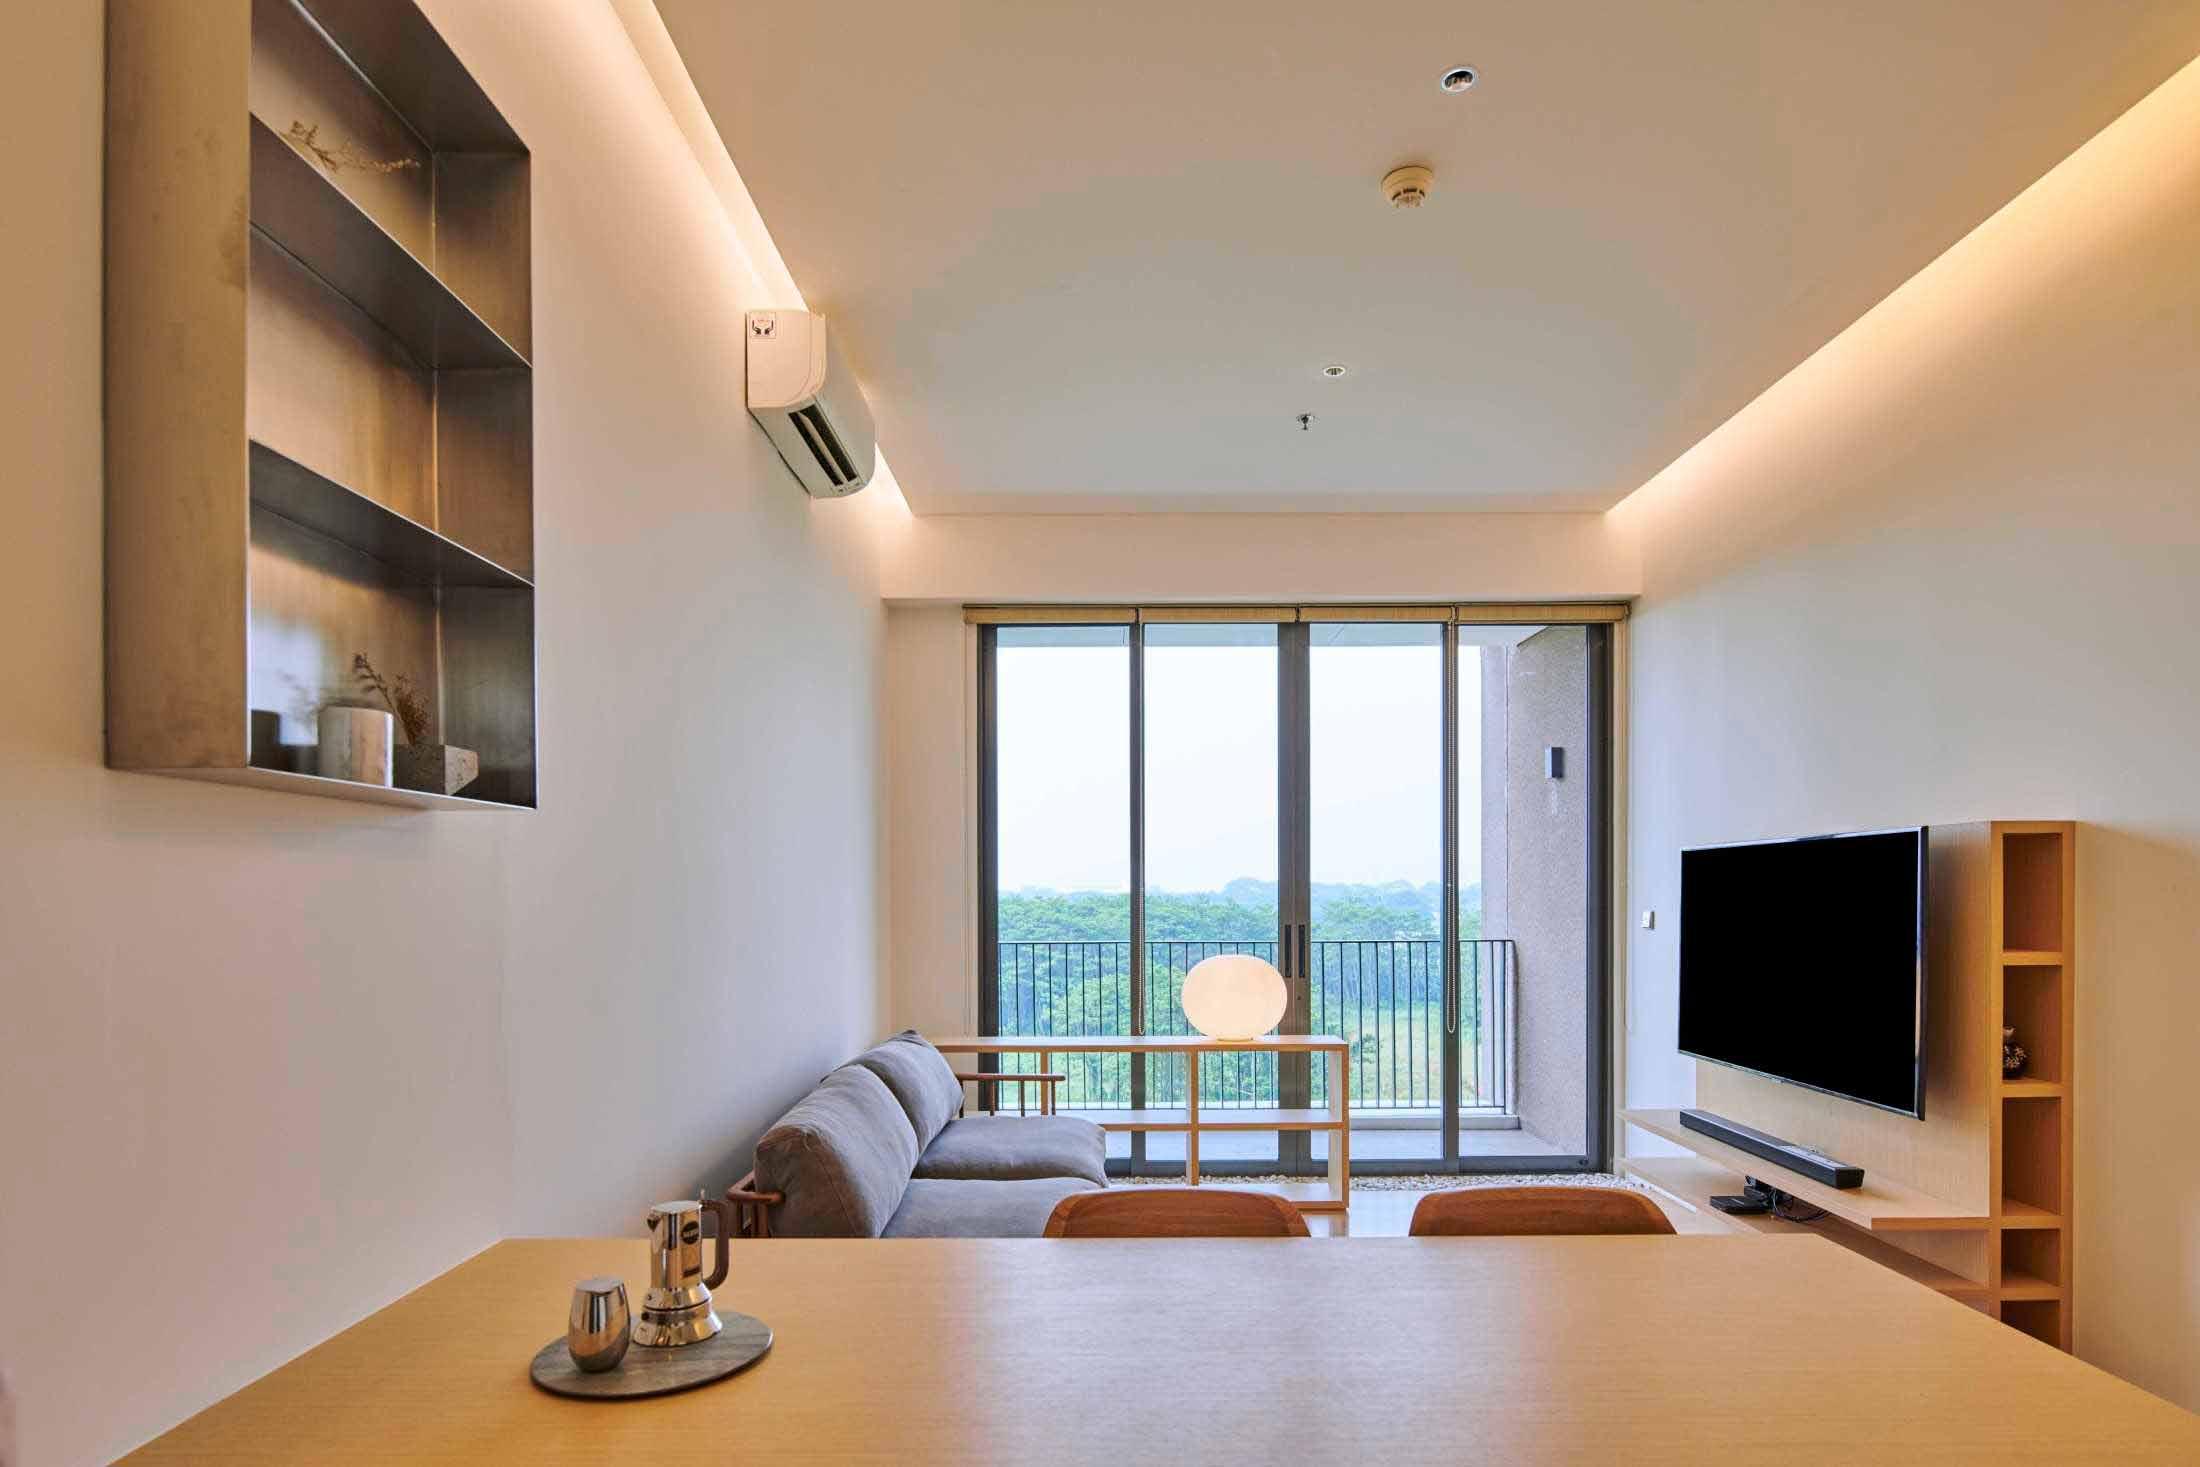 Desain Interior Apartemen Minimalis Yang Simpel Rapi Dan Kekinian Ala Design Donk Arsitag